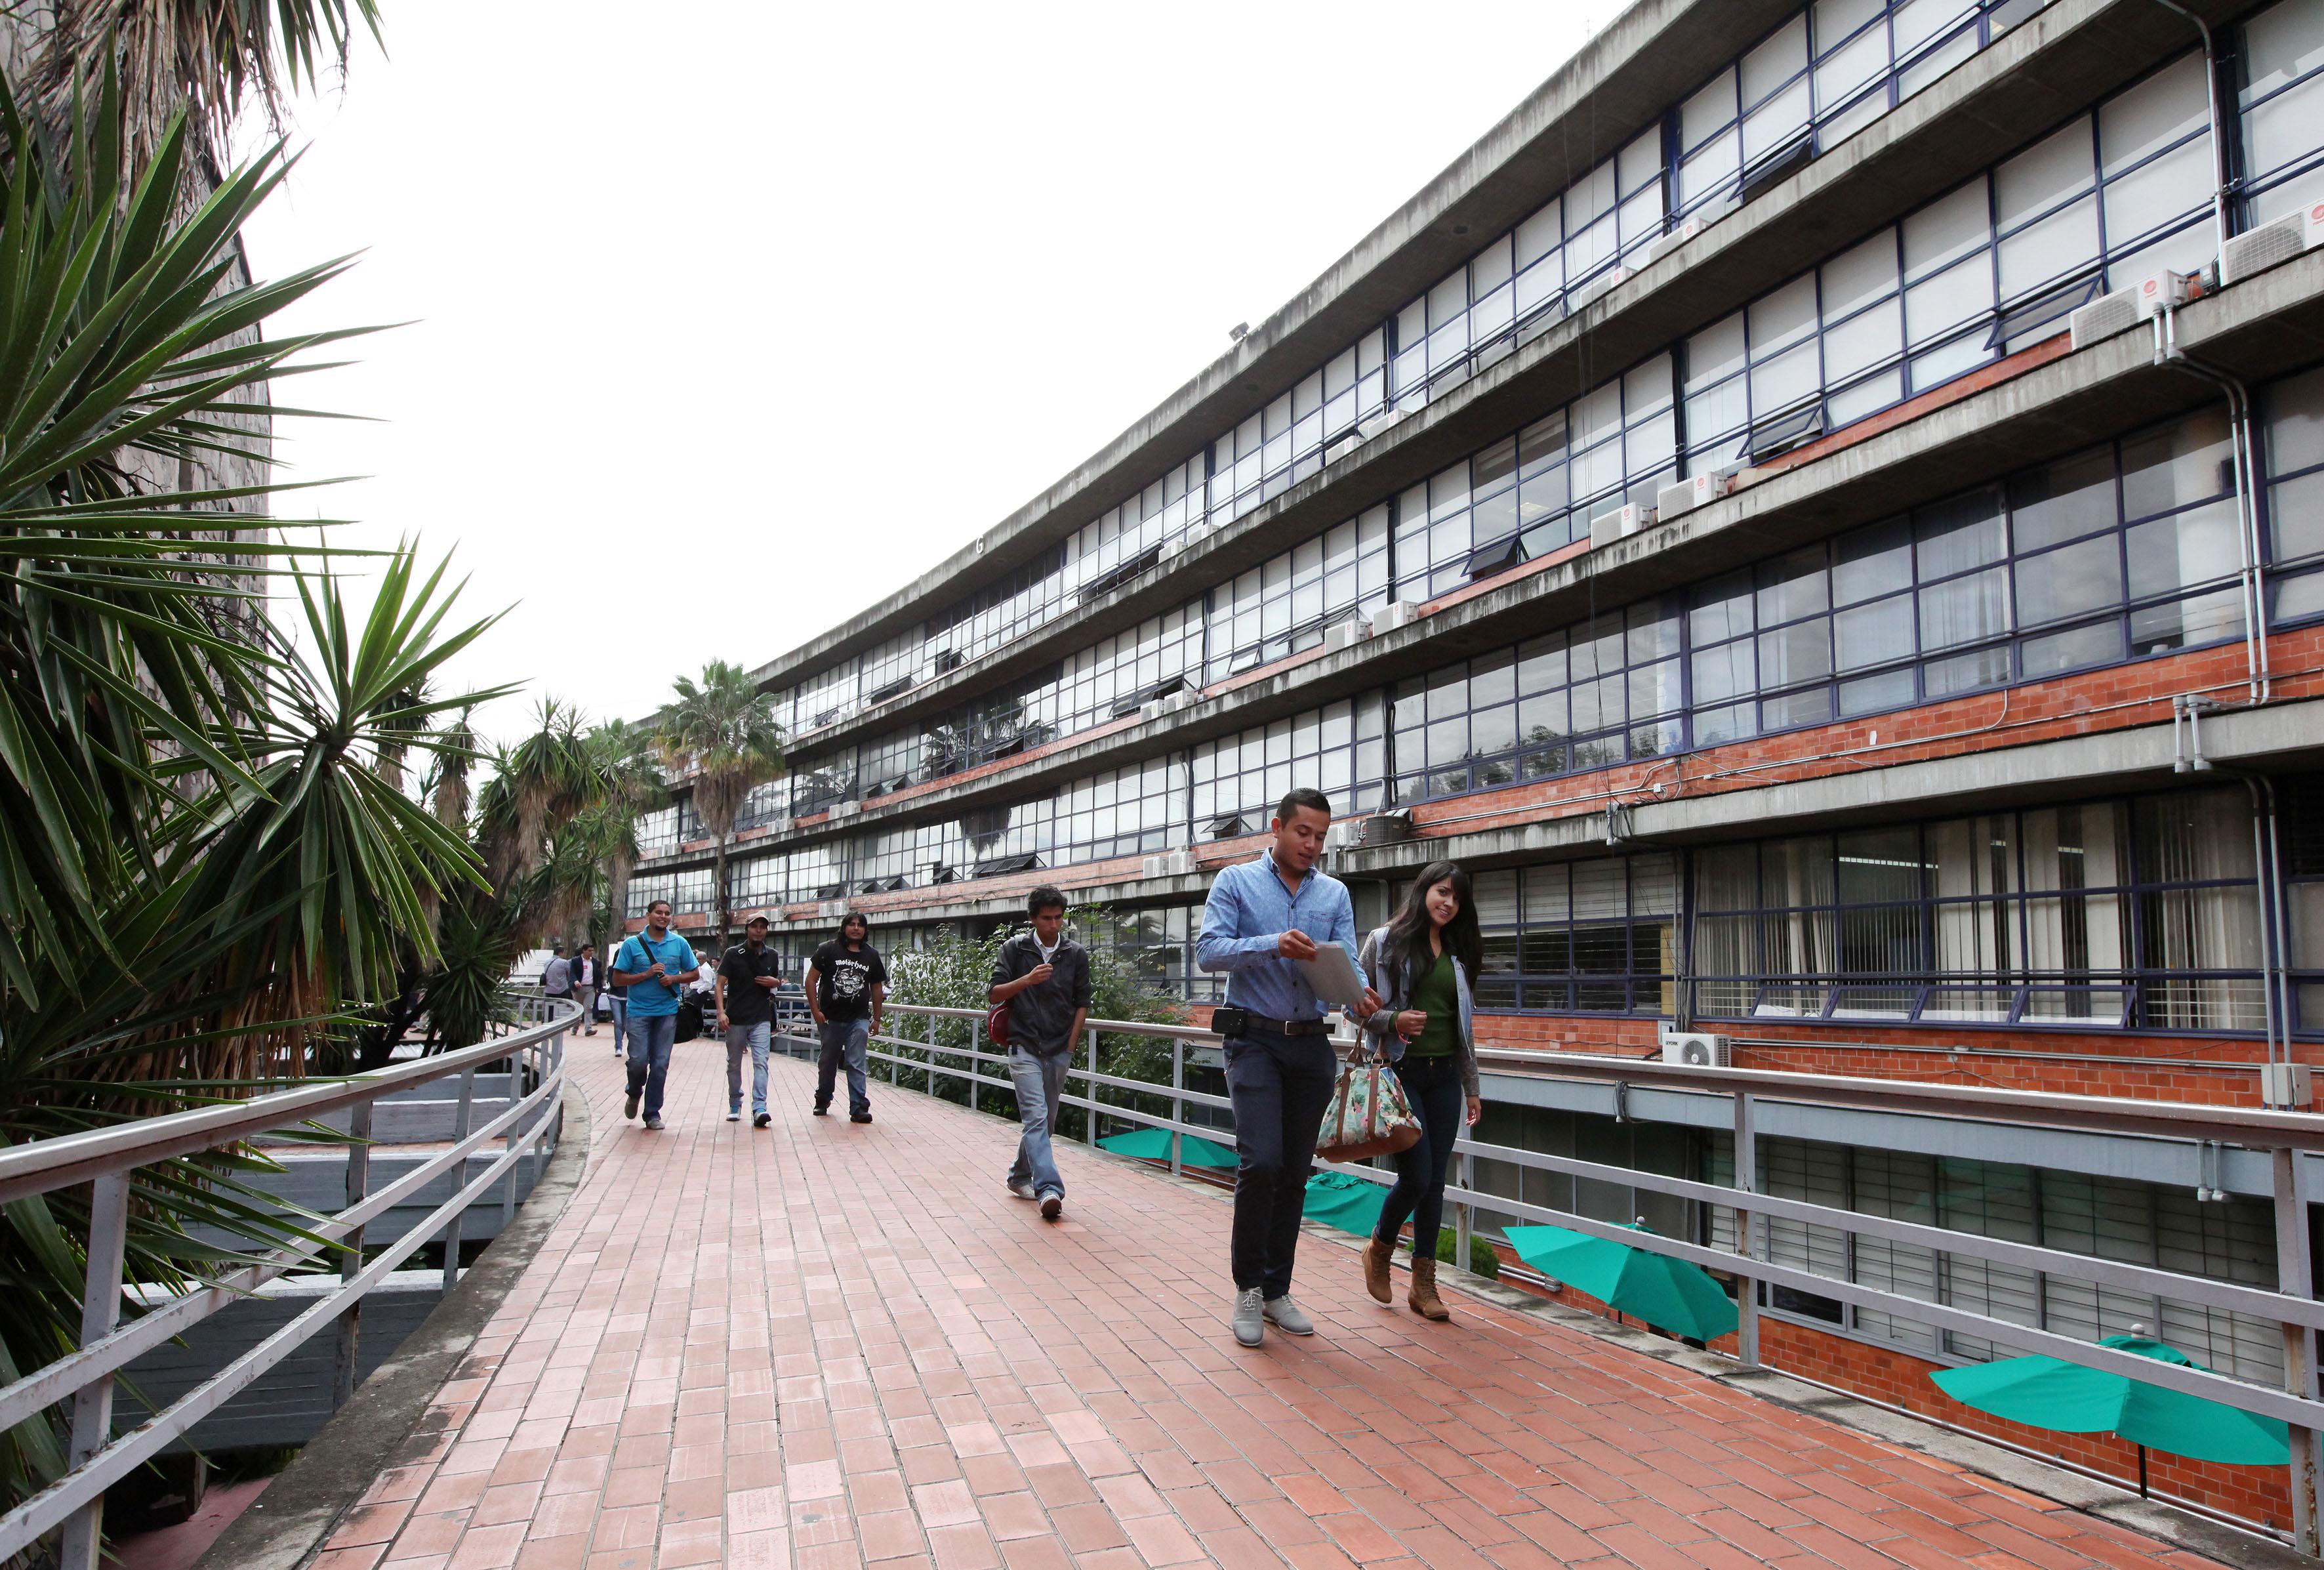 Alumnos del Centro Universitario de Ciencias Sociales y Humanidades (CUCSH) caminando por los pasillos